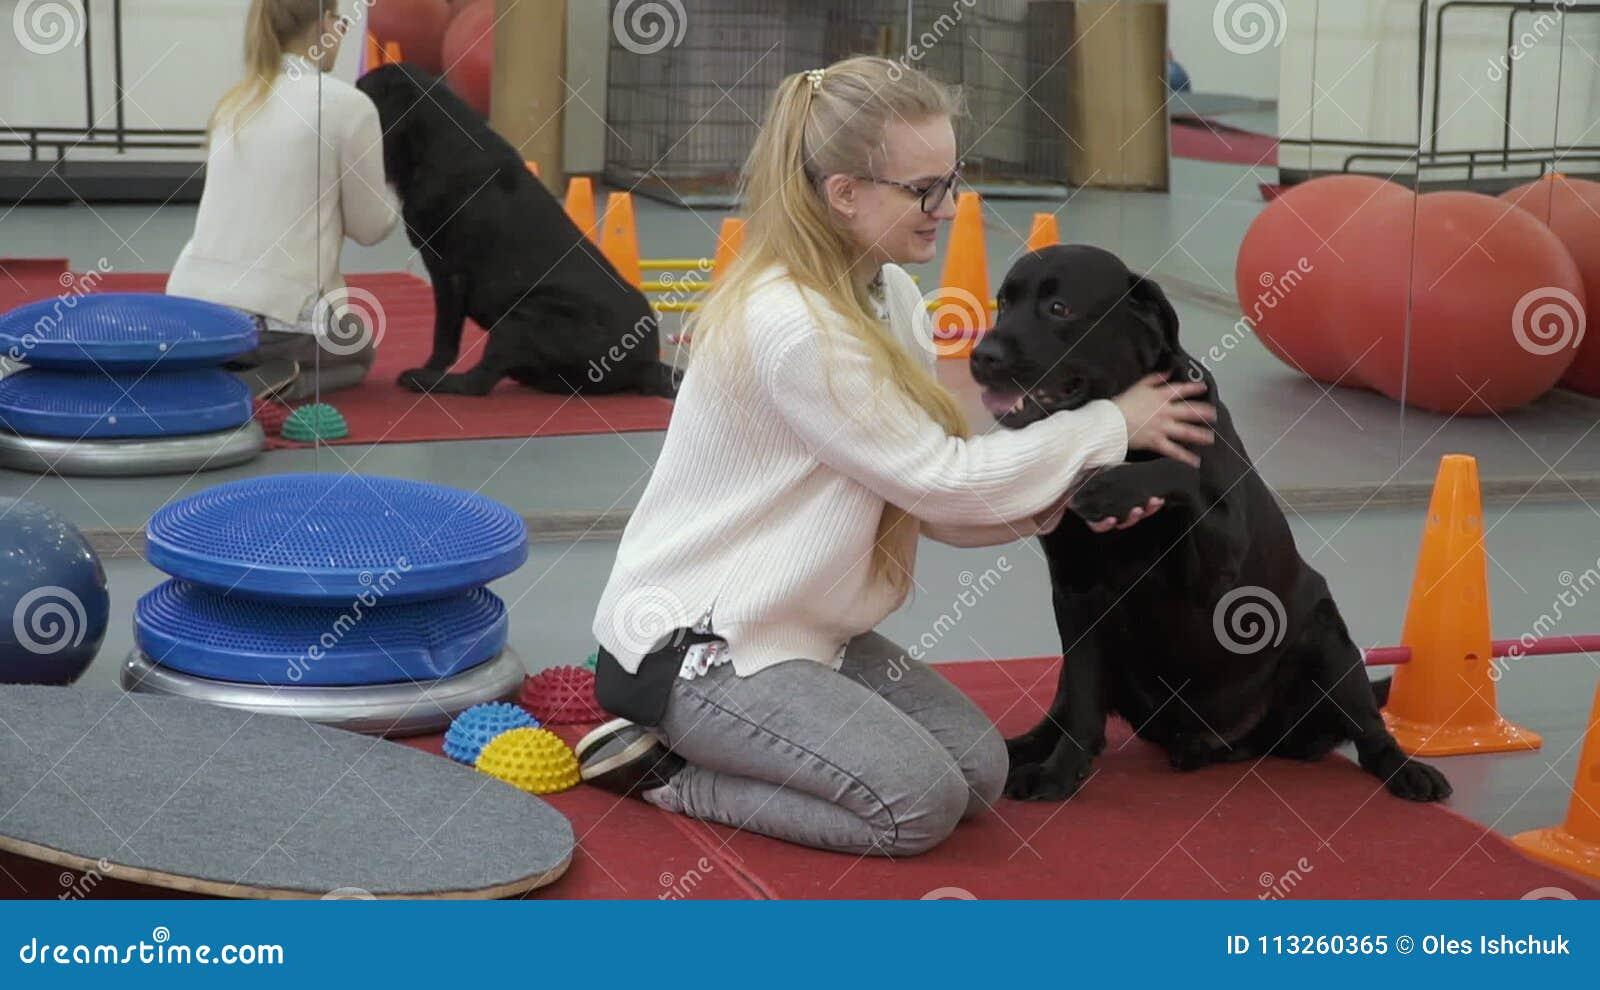 Jeune Fille Formant Labrador Noir Pour Lui Donner Une Patte Clips Videos Video Du Patte Labrador 113260365